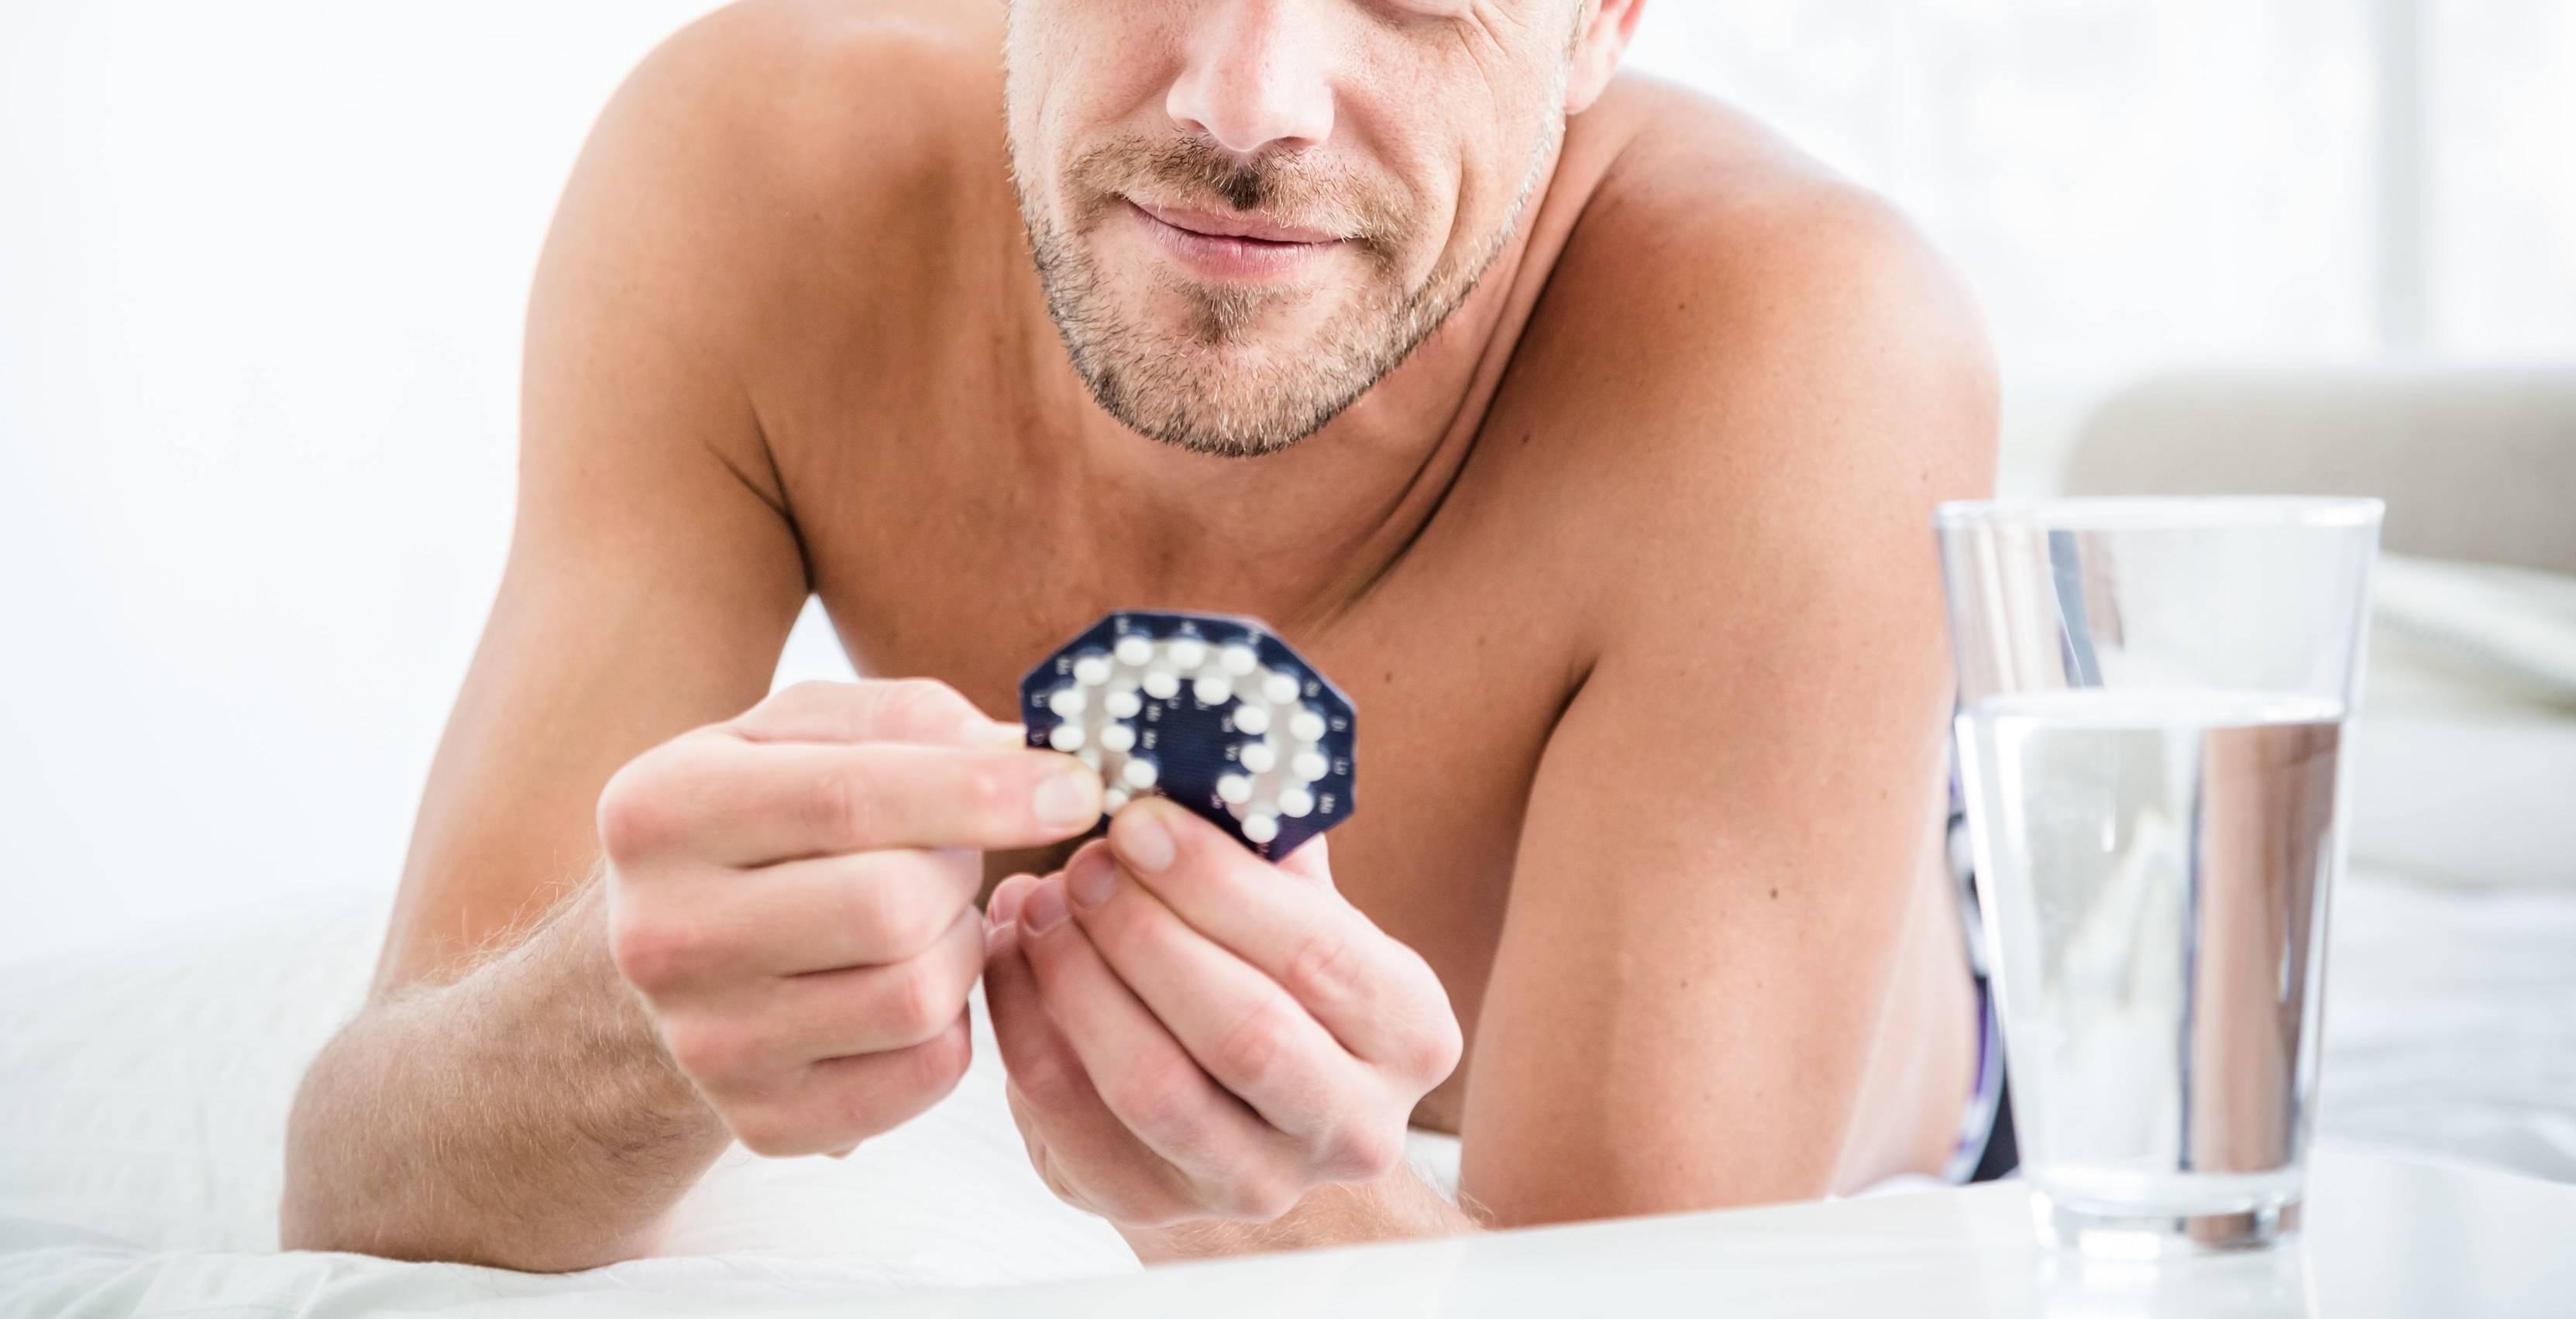 Контрацепция для мужчин: виды мужских контрацептивов, способы применения и надежность